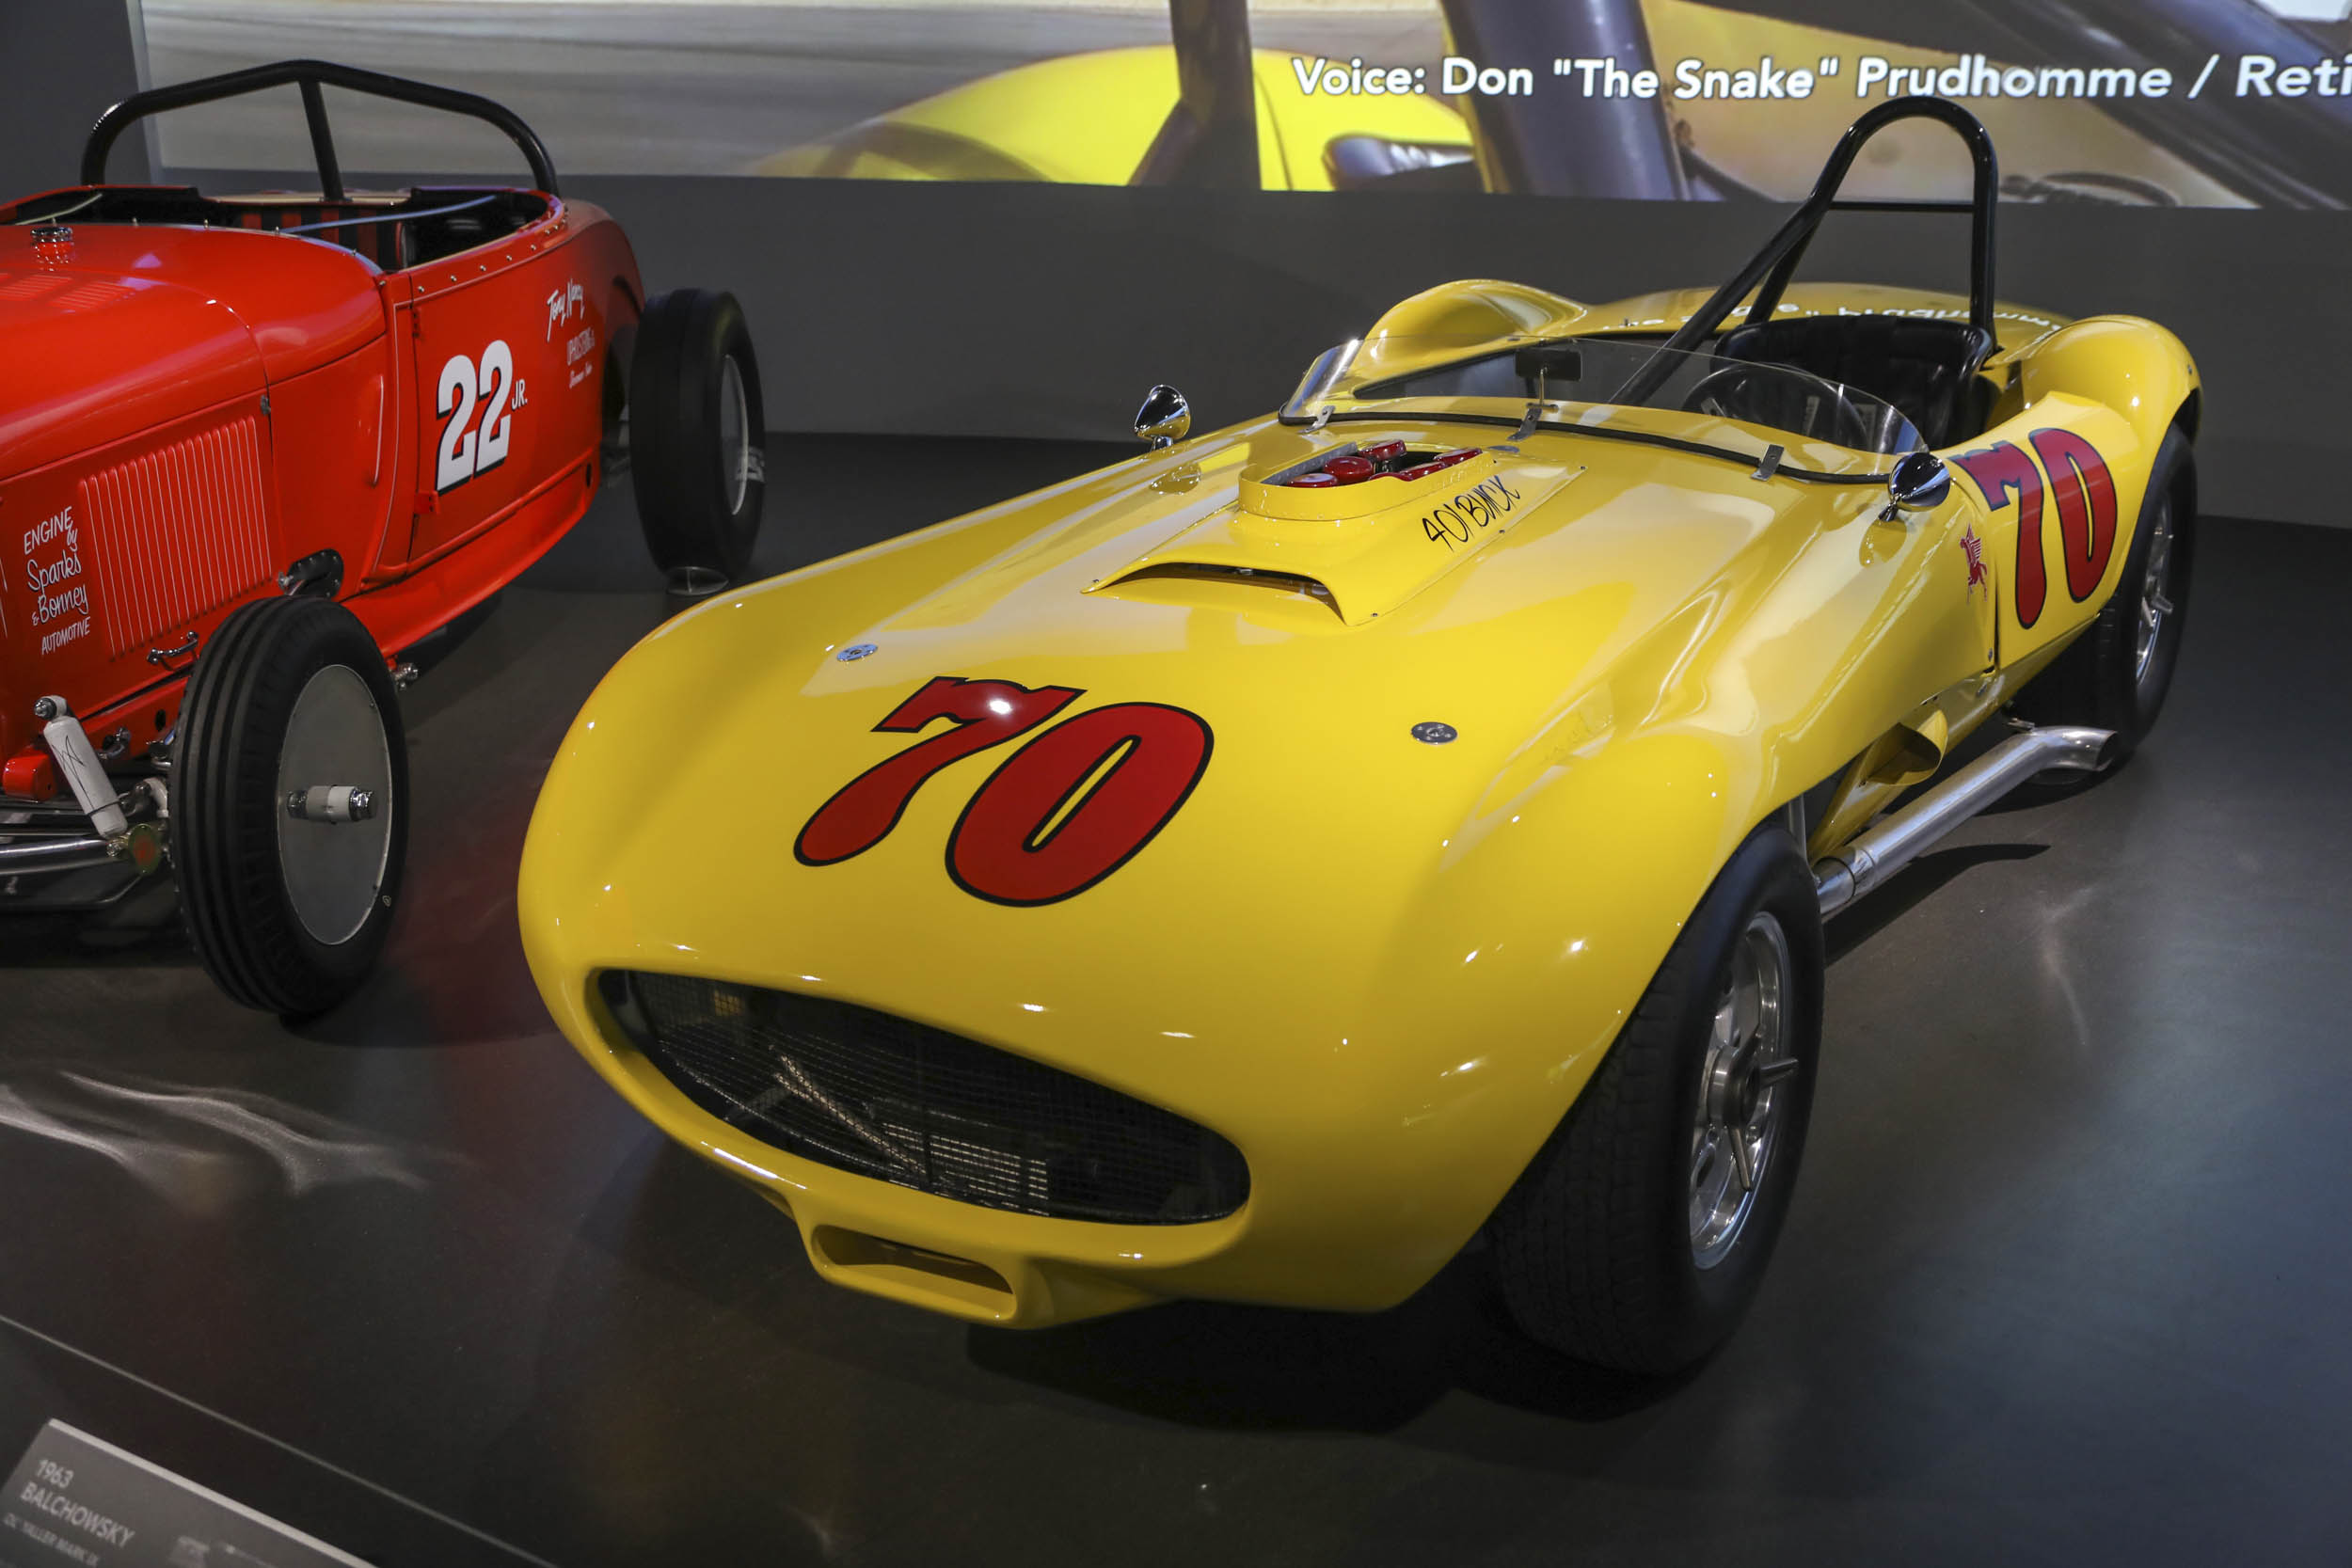 Racing legend Parnelli Jones exhibit